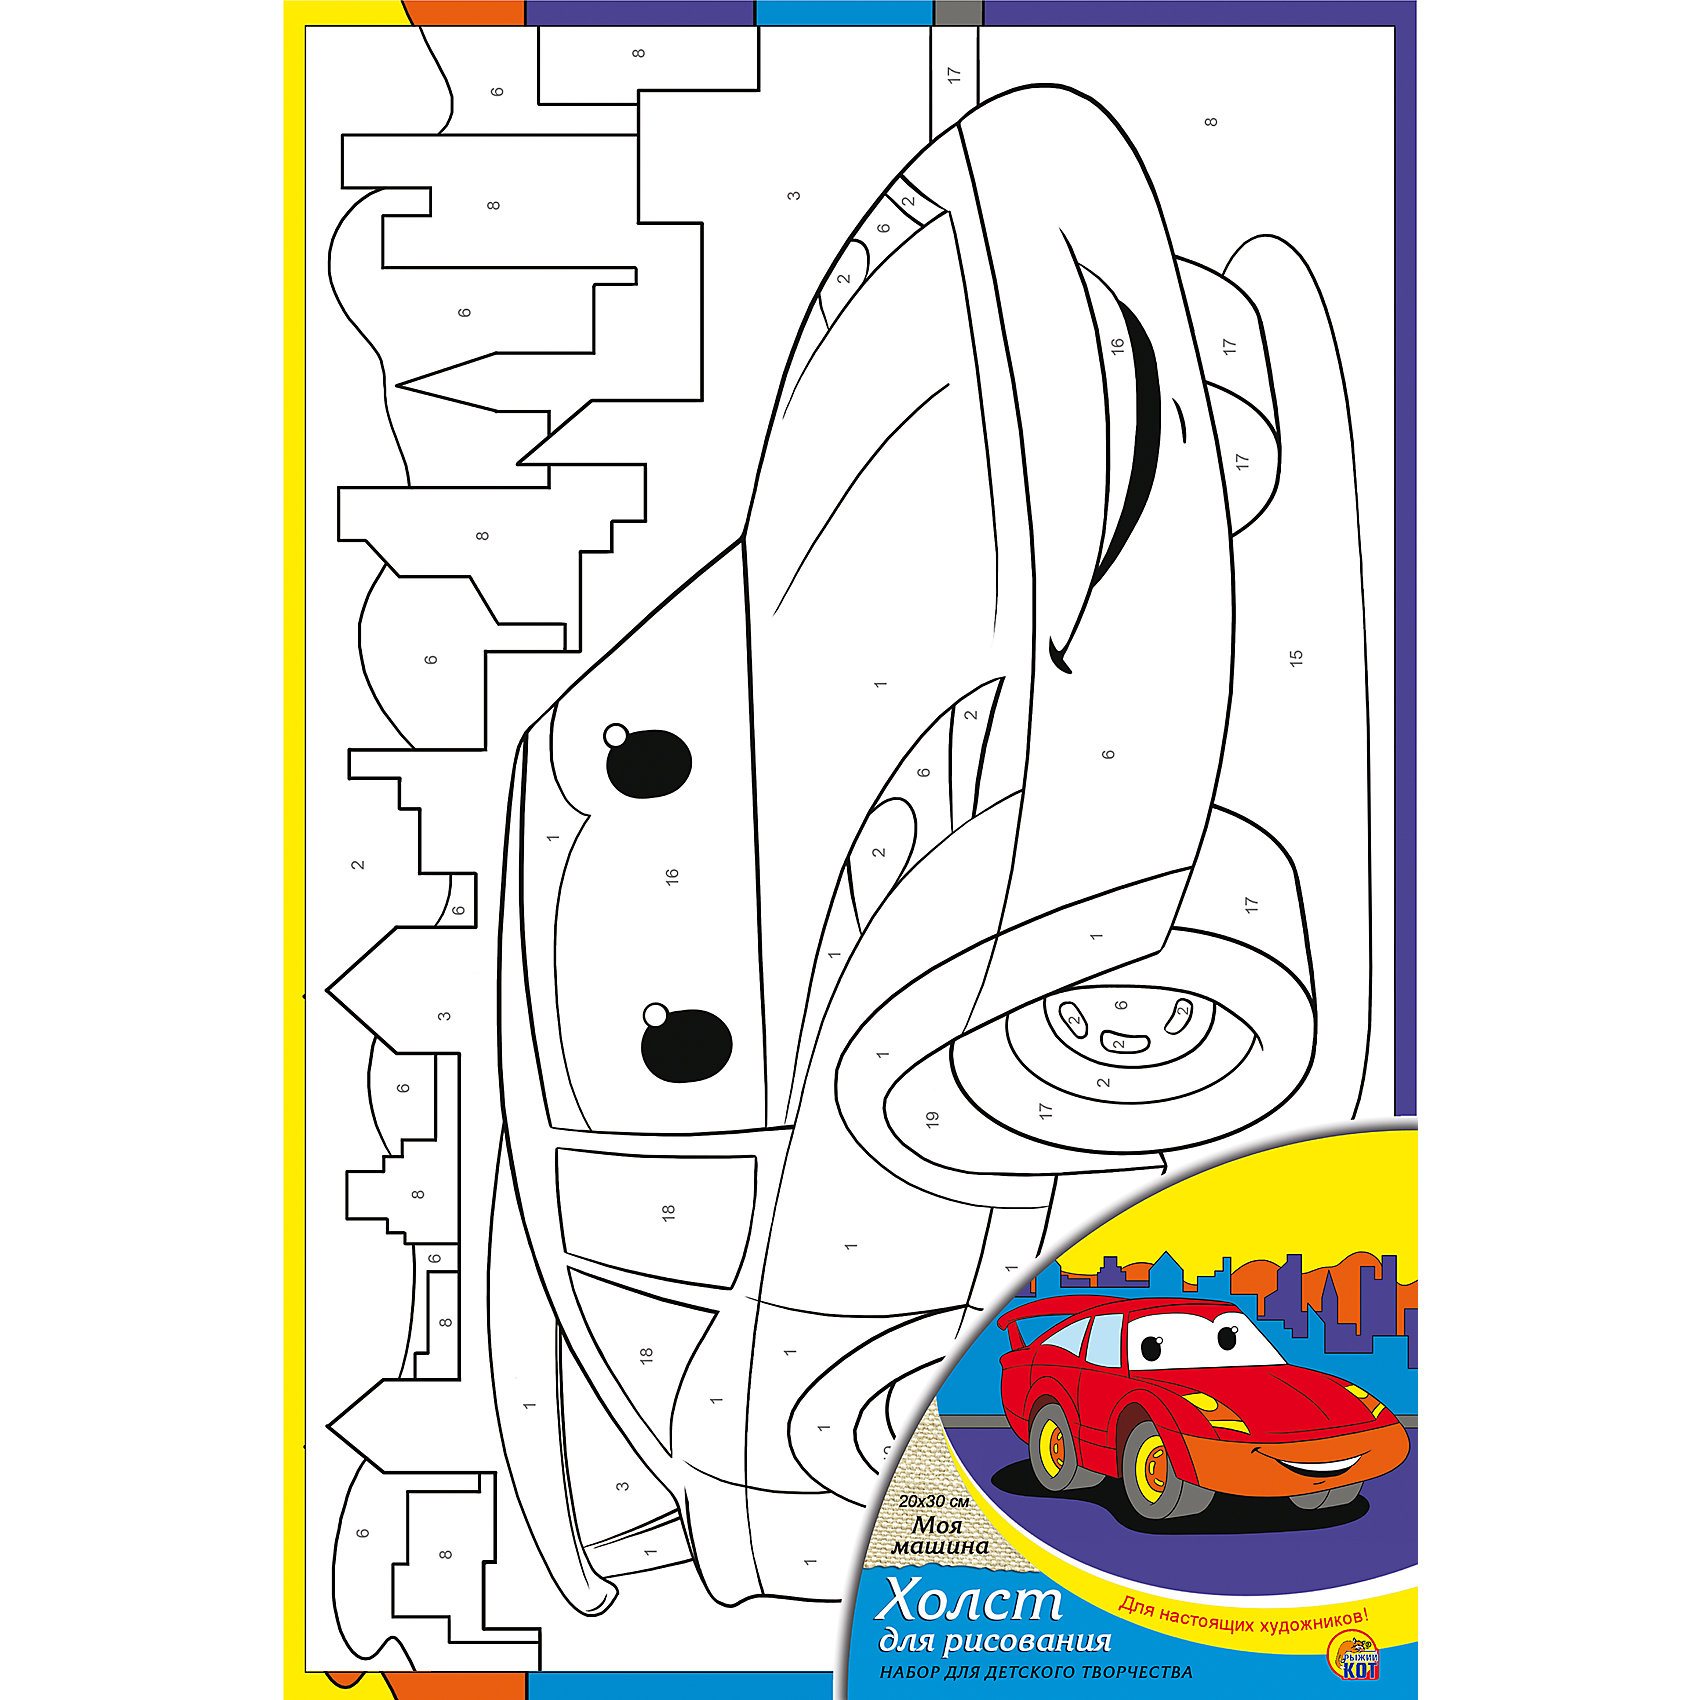 Холст с красками по номерам Моя машина 20х30 смРисование<br>замечательные наборы для создания уникального шедевра изобразительного искусства. Создание картин на специально подготовленной рабочей поверхности – это уникальная техника, позволяющая делать Ваши шедевры более яркими и реалистичными. Просто нанесите мазки на уже готовый эскиз и оживите картину! Готовые изделия могут стать украшением интерьера или прекрасным подарком близким и друзьям.<br><br>Ширина мм: 200<br>Глубина мм: 300<br>Высота мм: 15<br>Вес г: 933<br>Возраст от месяцев: 36<br>Возраст до месяцев: 108<br>Пол: Унисекс<br>Возраст: Детский<br>SKU: 5096743